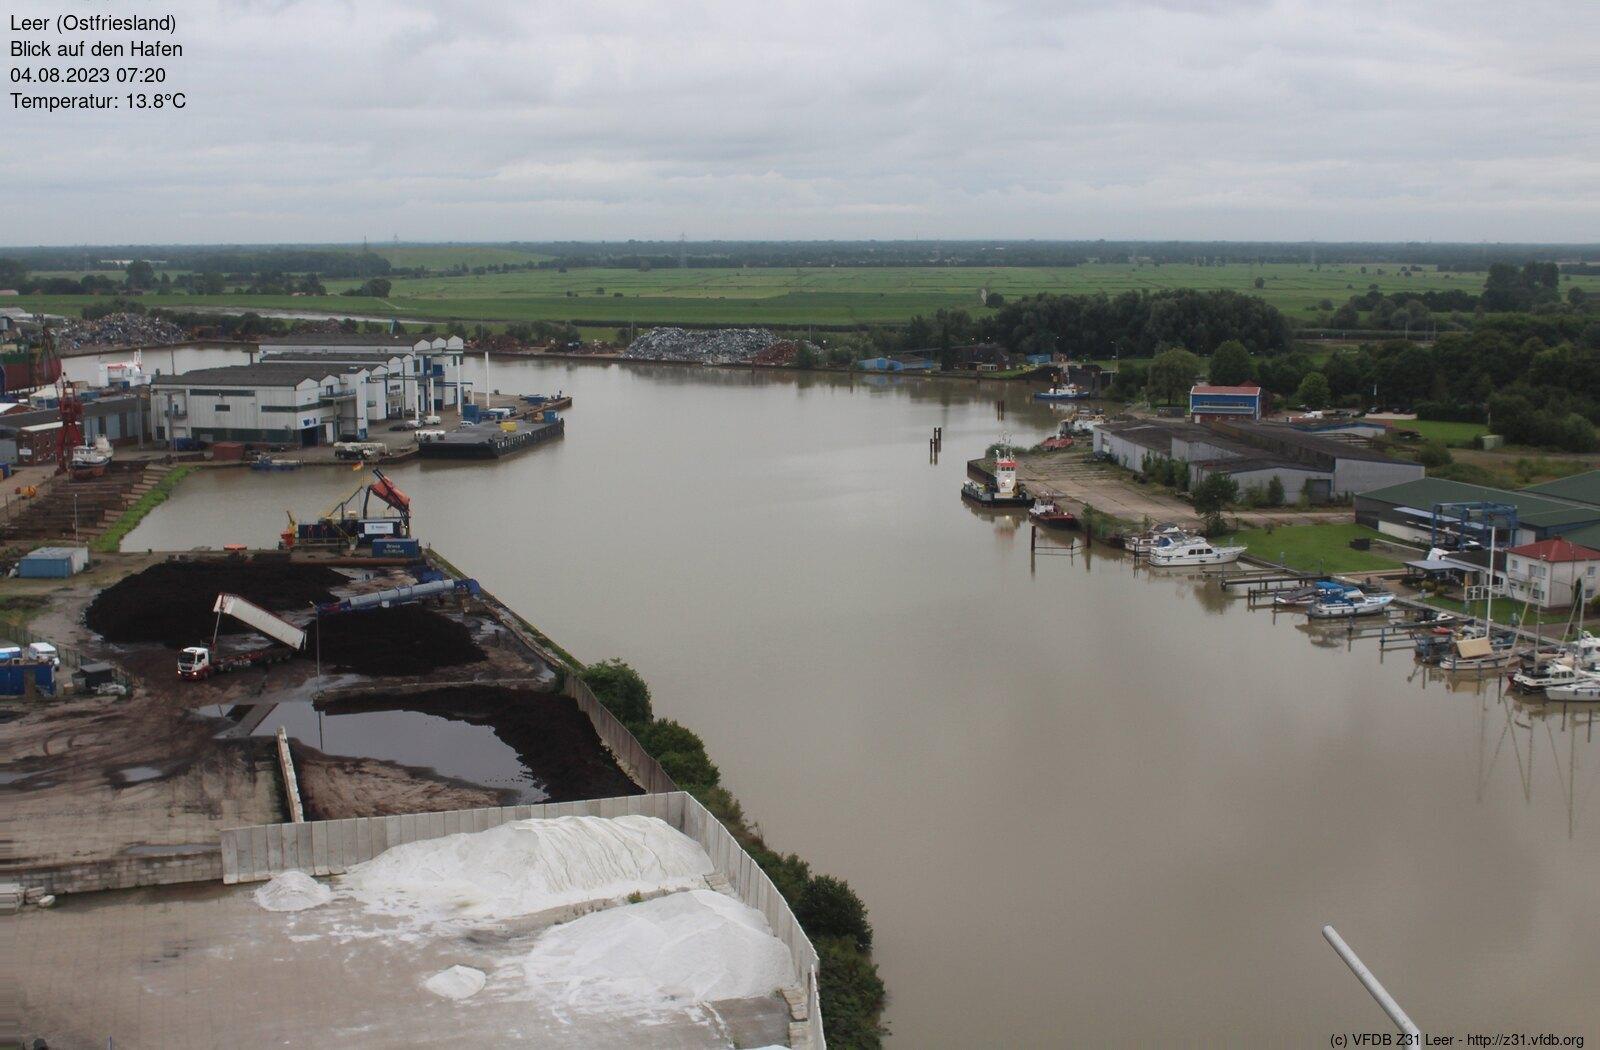 Webcam Leer Hafen (zum Vergrößern auf das Bild klicken)